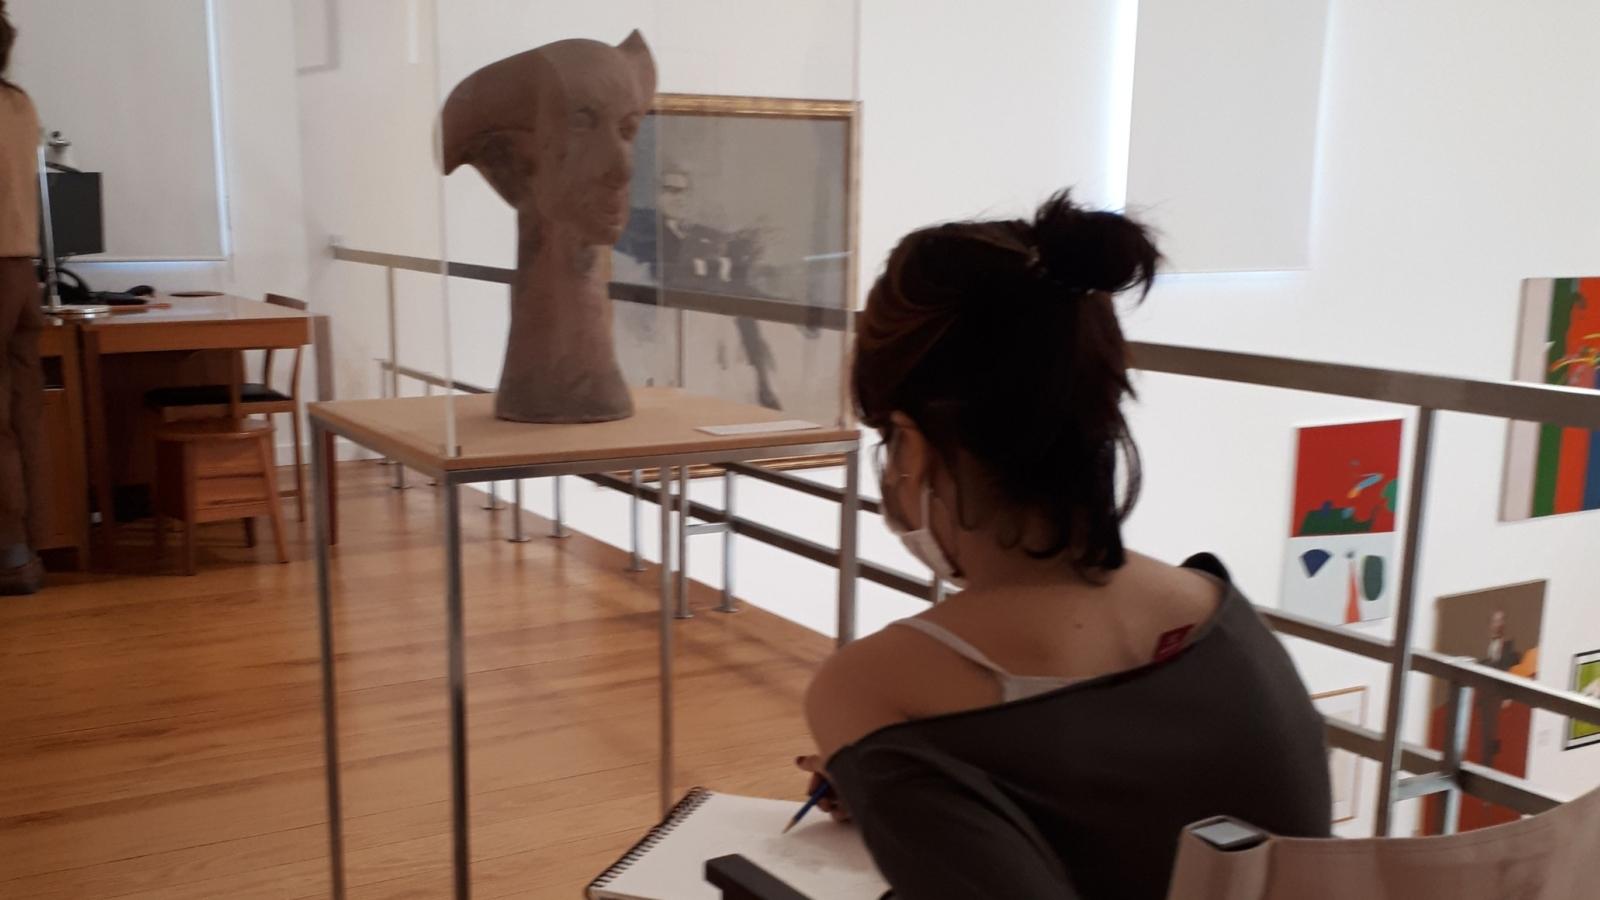 Rapariga a observar o busto de uma estátua